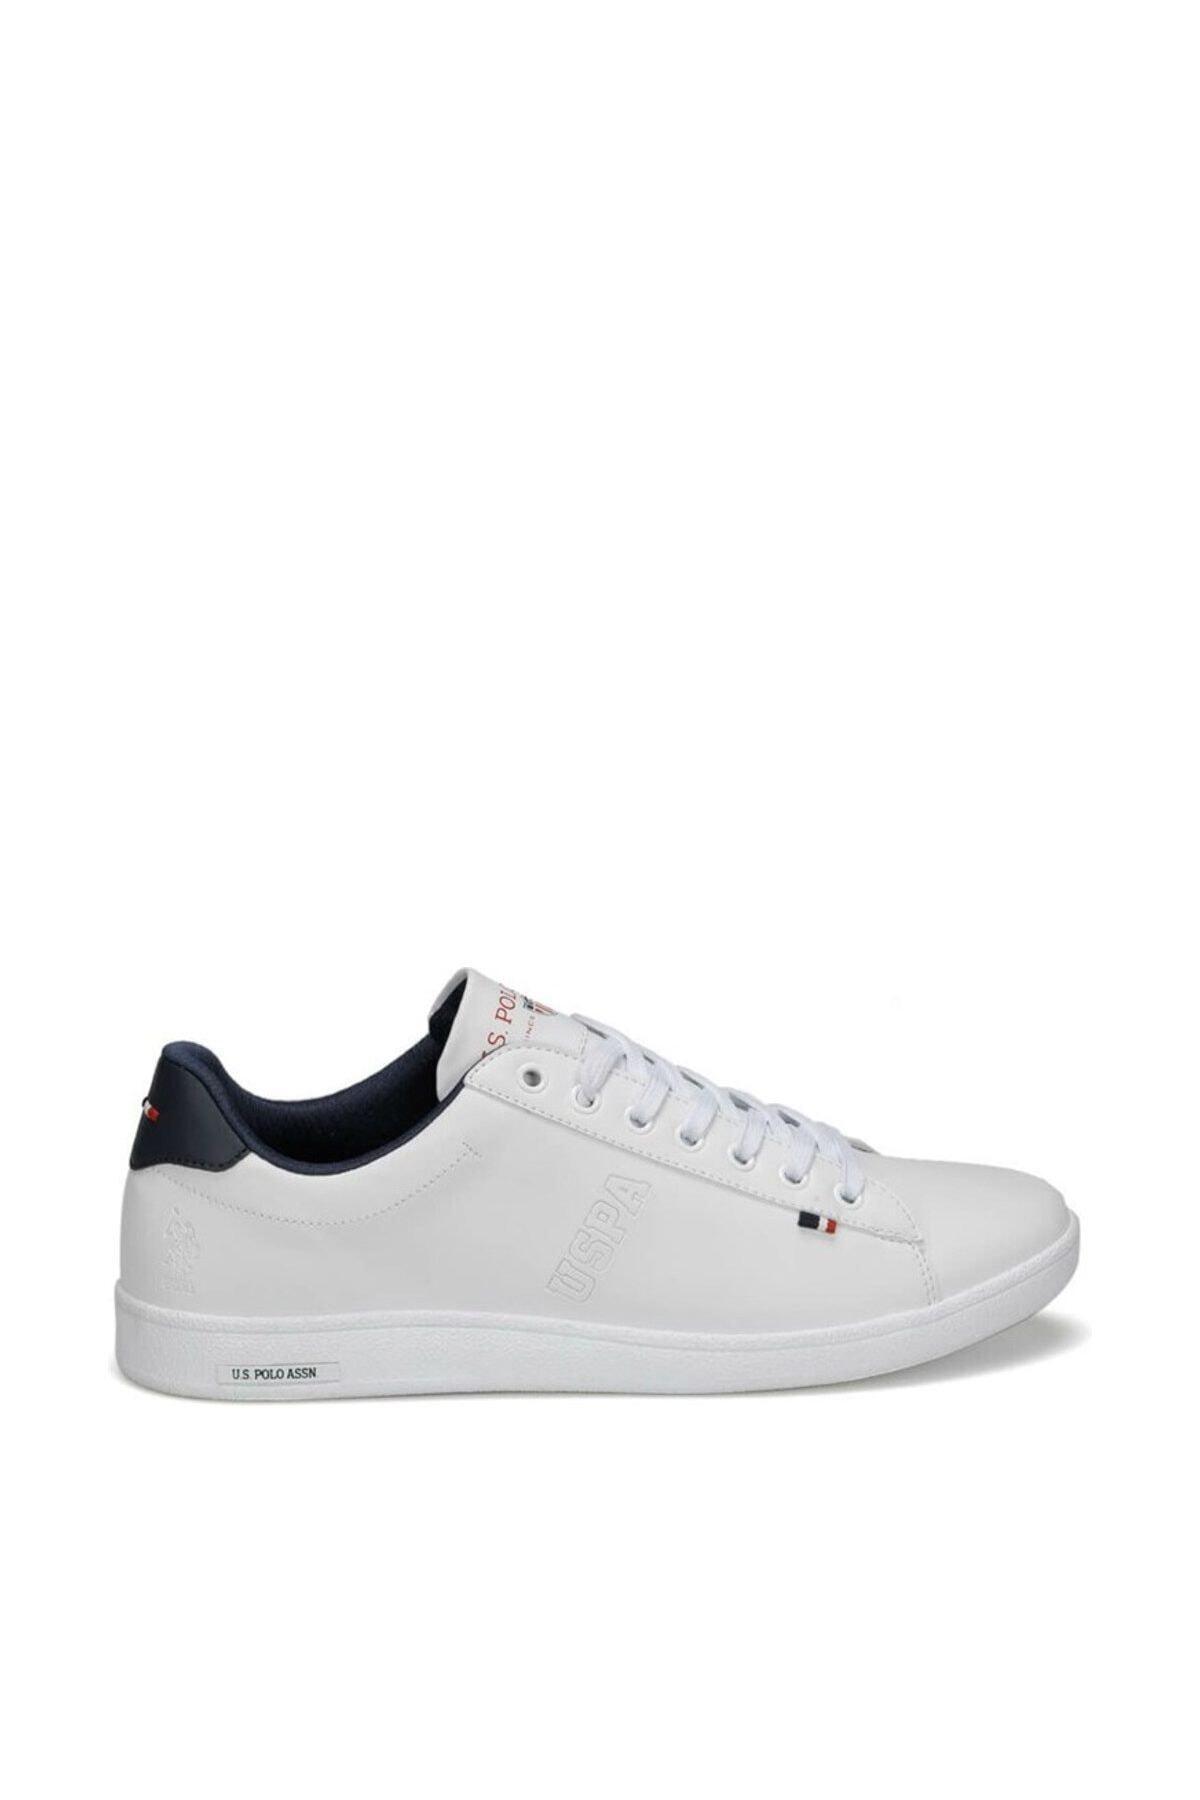 Polo FRANCO 9PR Beyaz Erkek Sneaker Ayakkabı 100417859 1